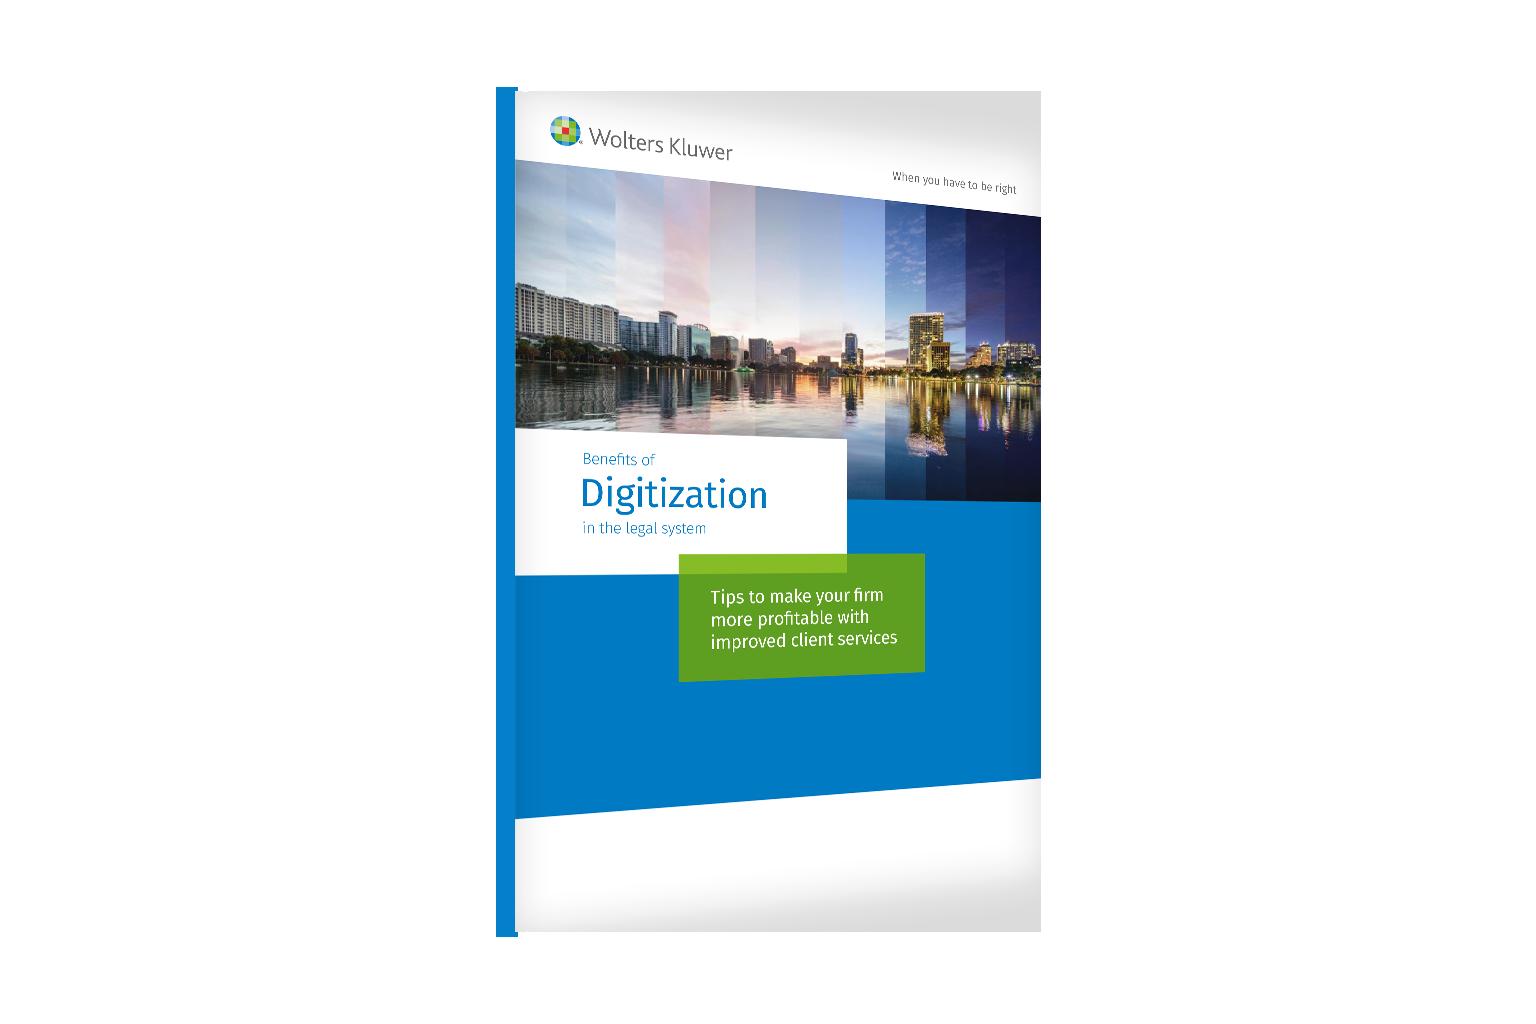 Výhody digitalizace v právním prostředí